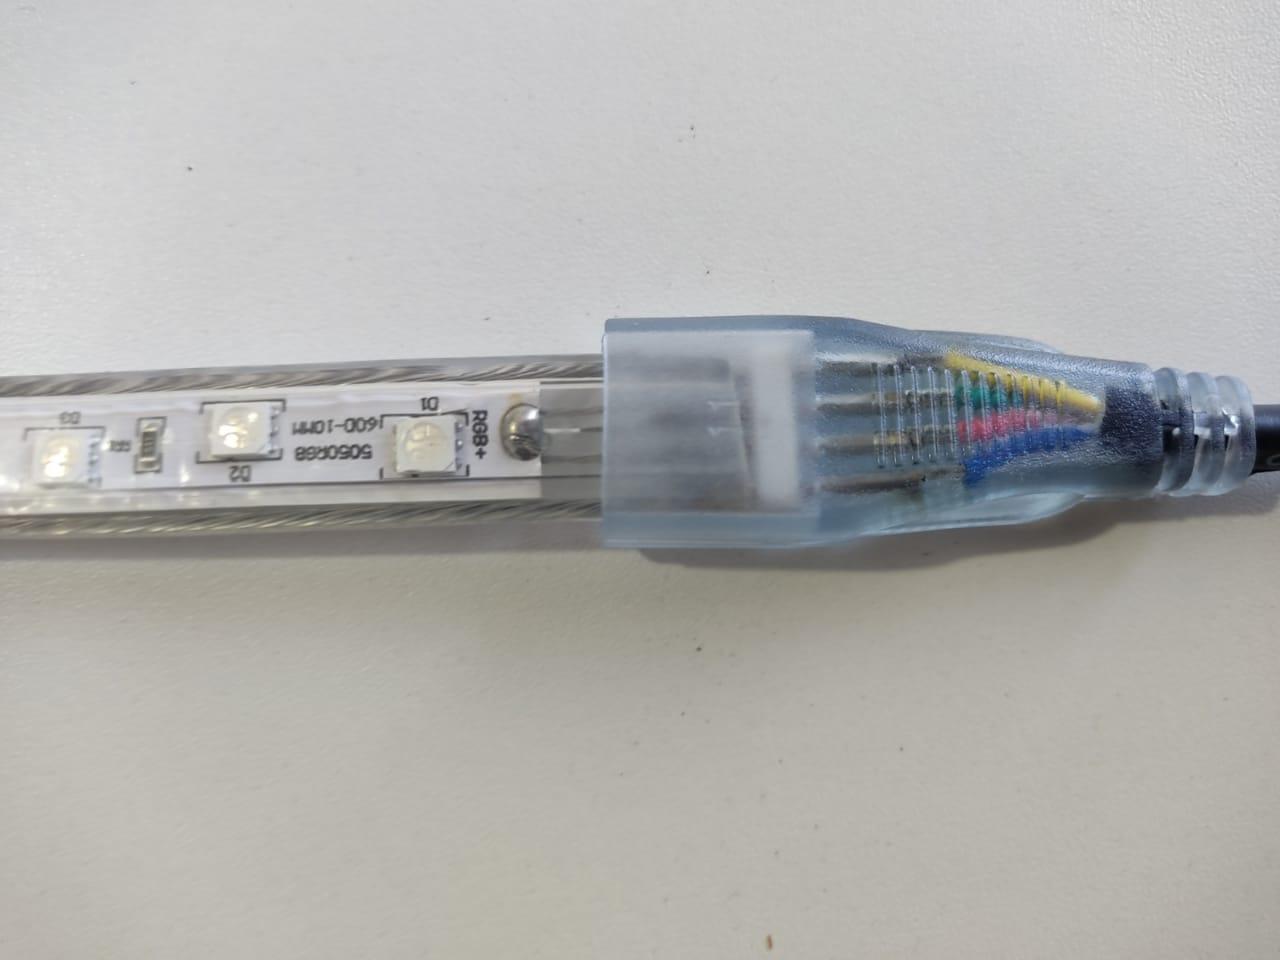 Fita LED RGB 5050 21m Premium Grossa Resistente C/ Fonte